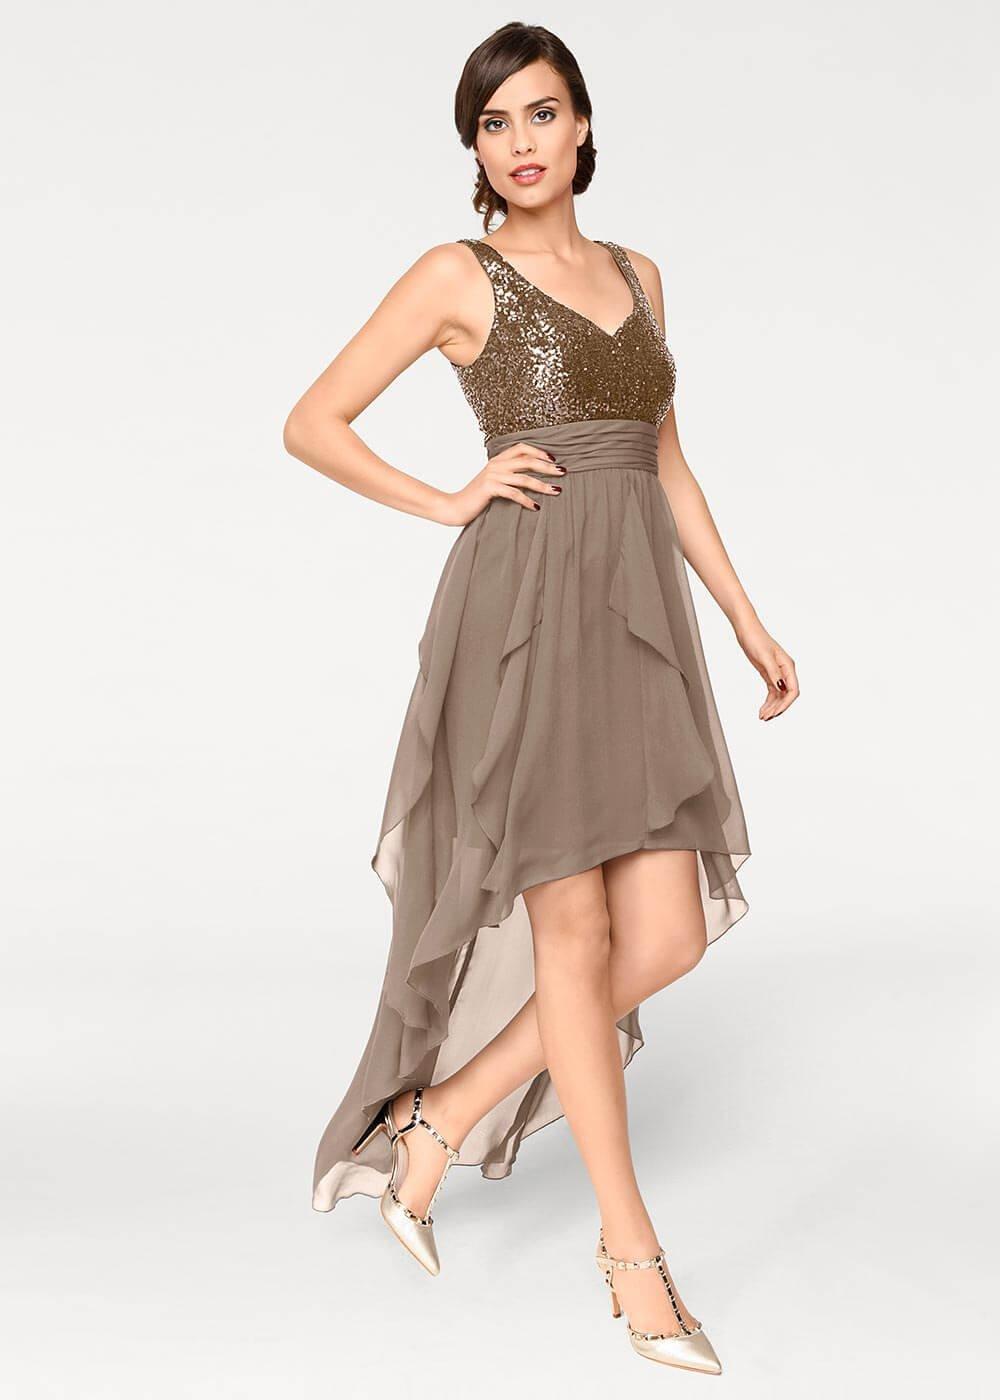 Wunderbar Trägt Ein Kurzes Kleid Zum Abschlussball Zeitgenössisch ...